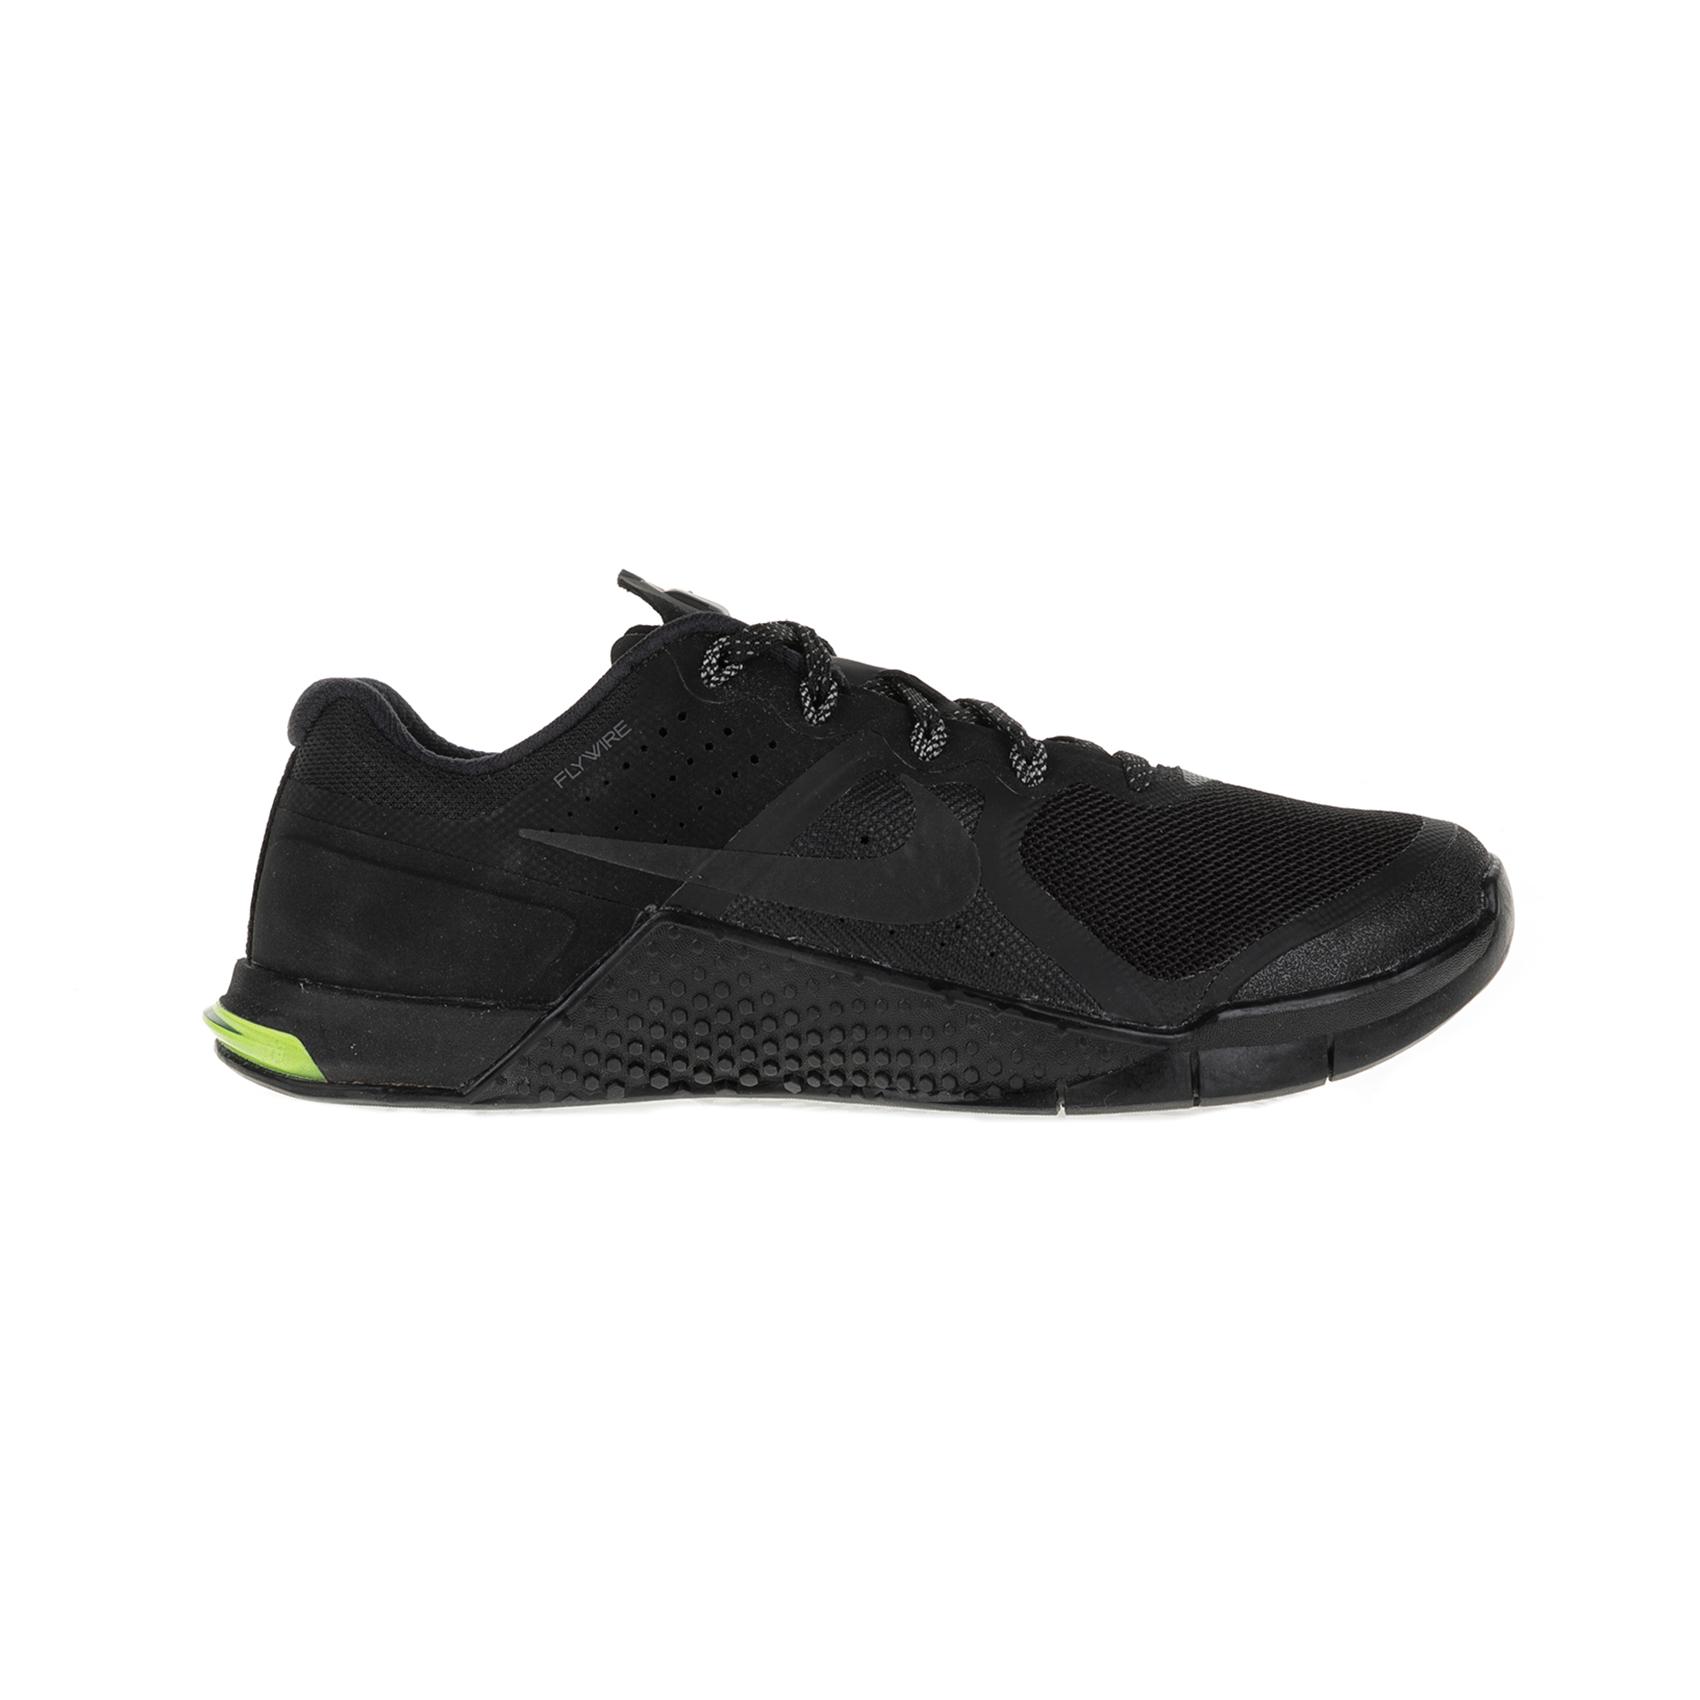 NIKE – Ανδρικά αθλητικά παπούτσια Nike METCON 2 μαύρα